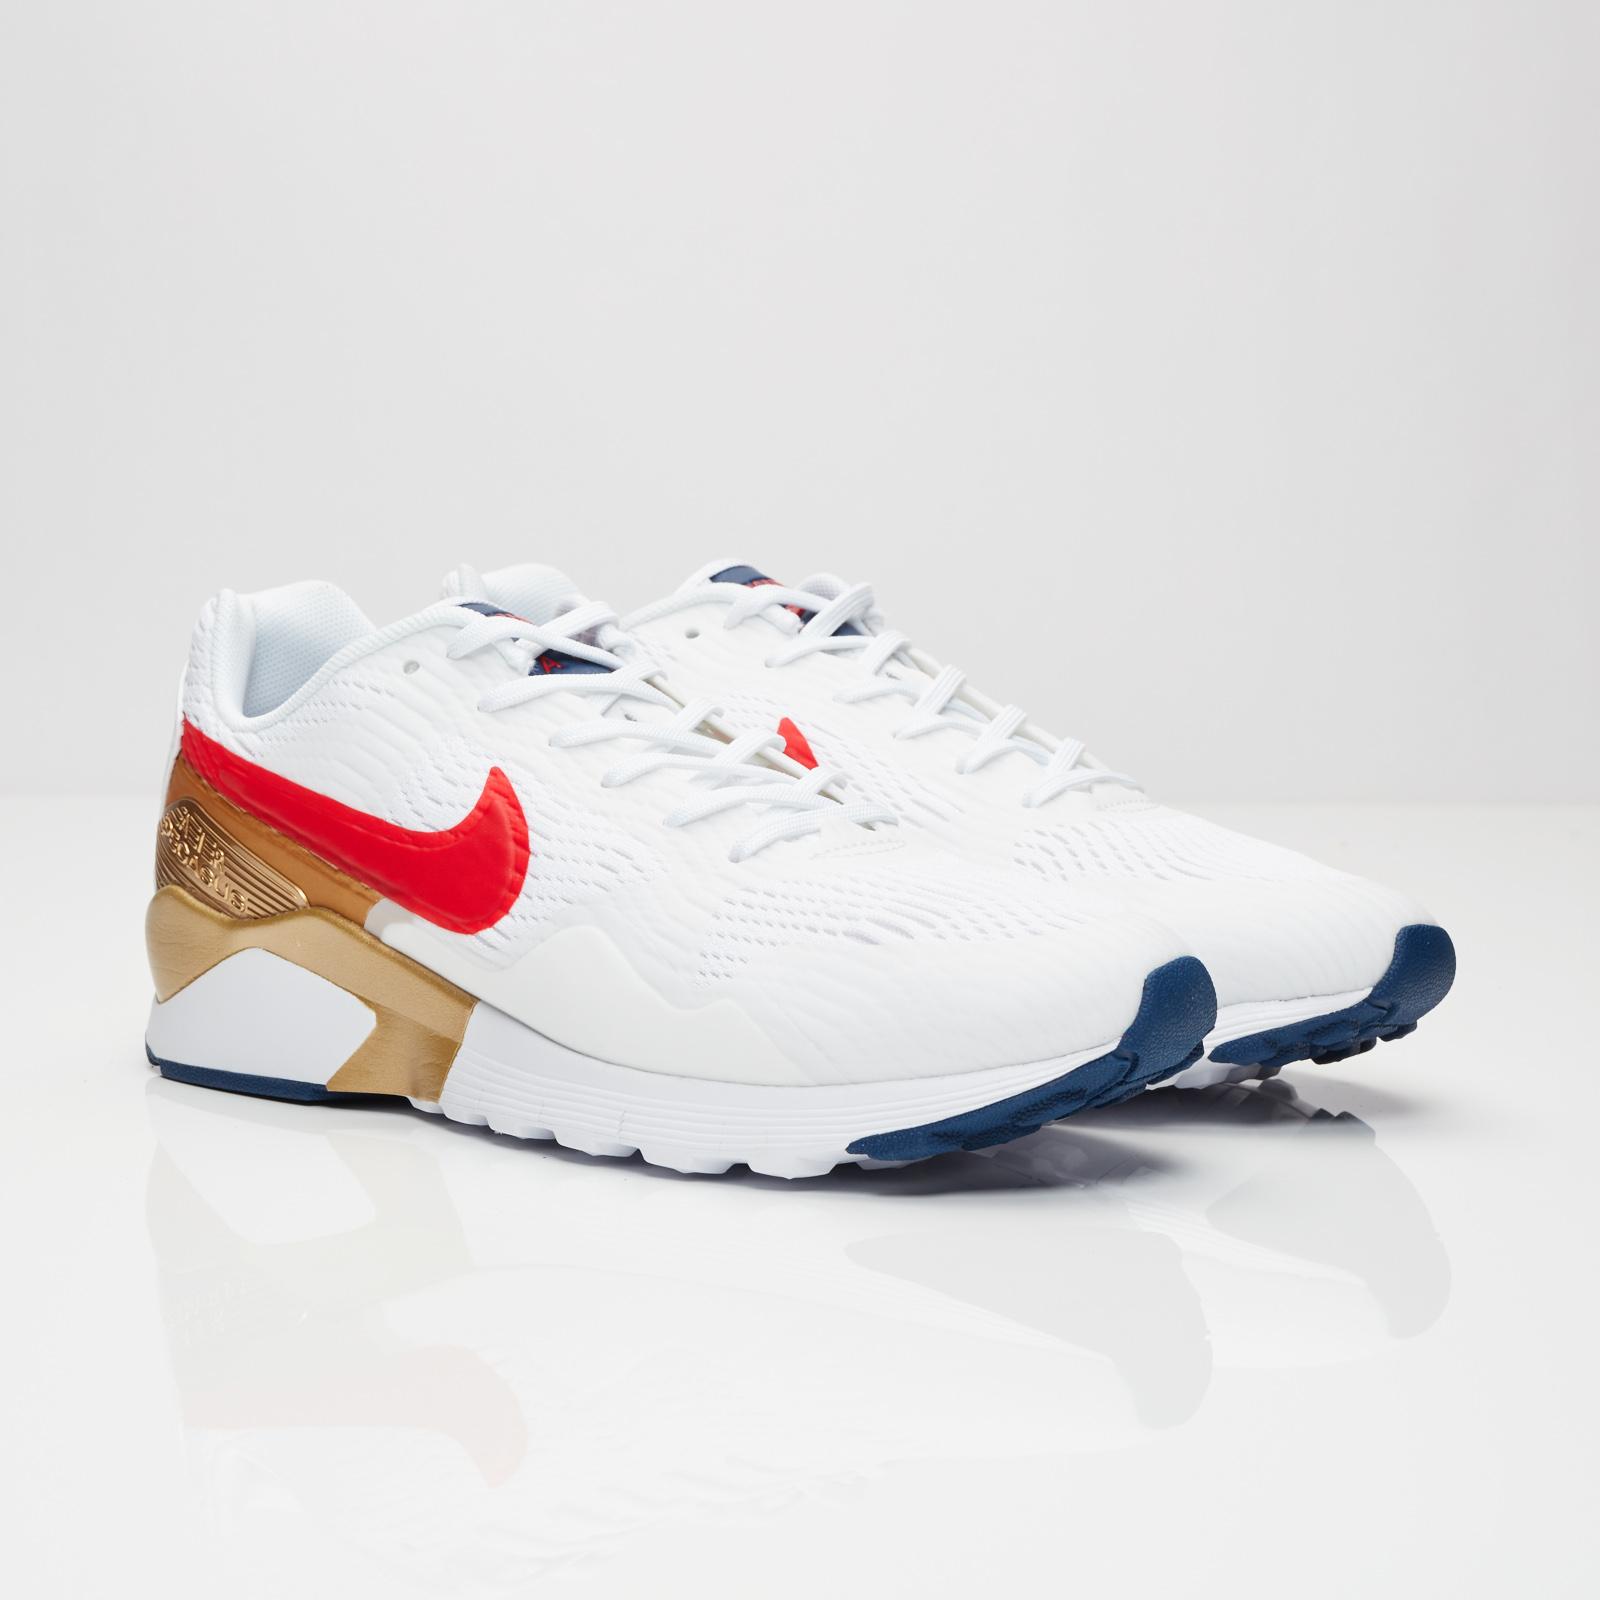 042321c0ae15 Nike Wmns Air Pegasus 92 16 - 845012-101 - Sneakersnstuff